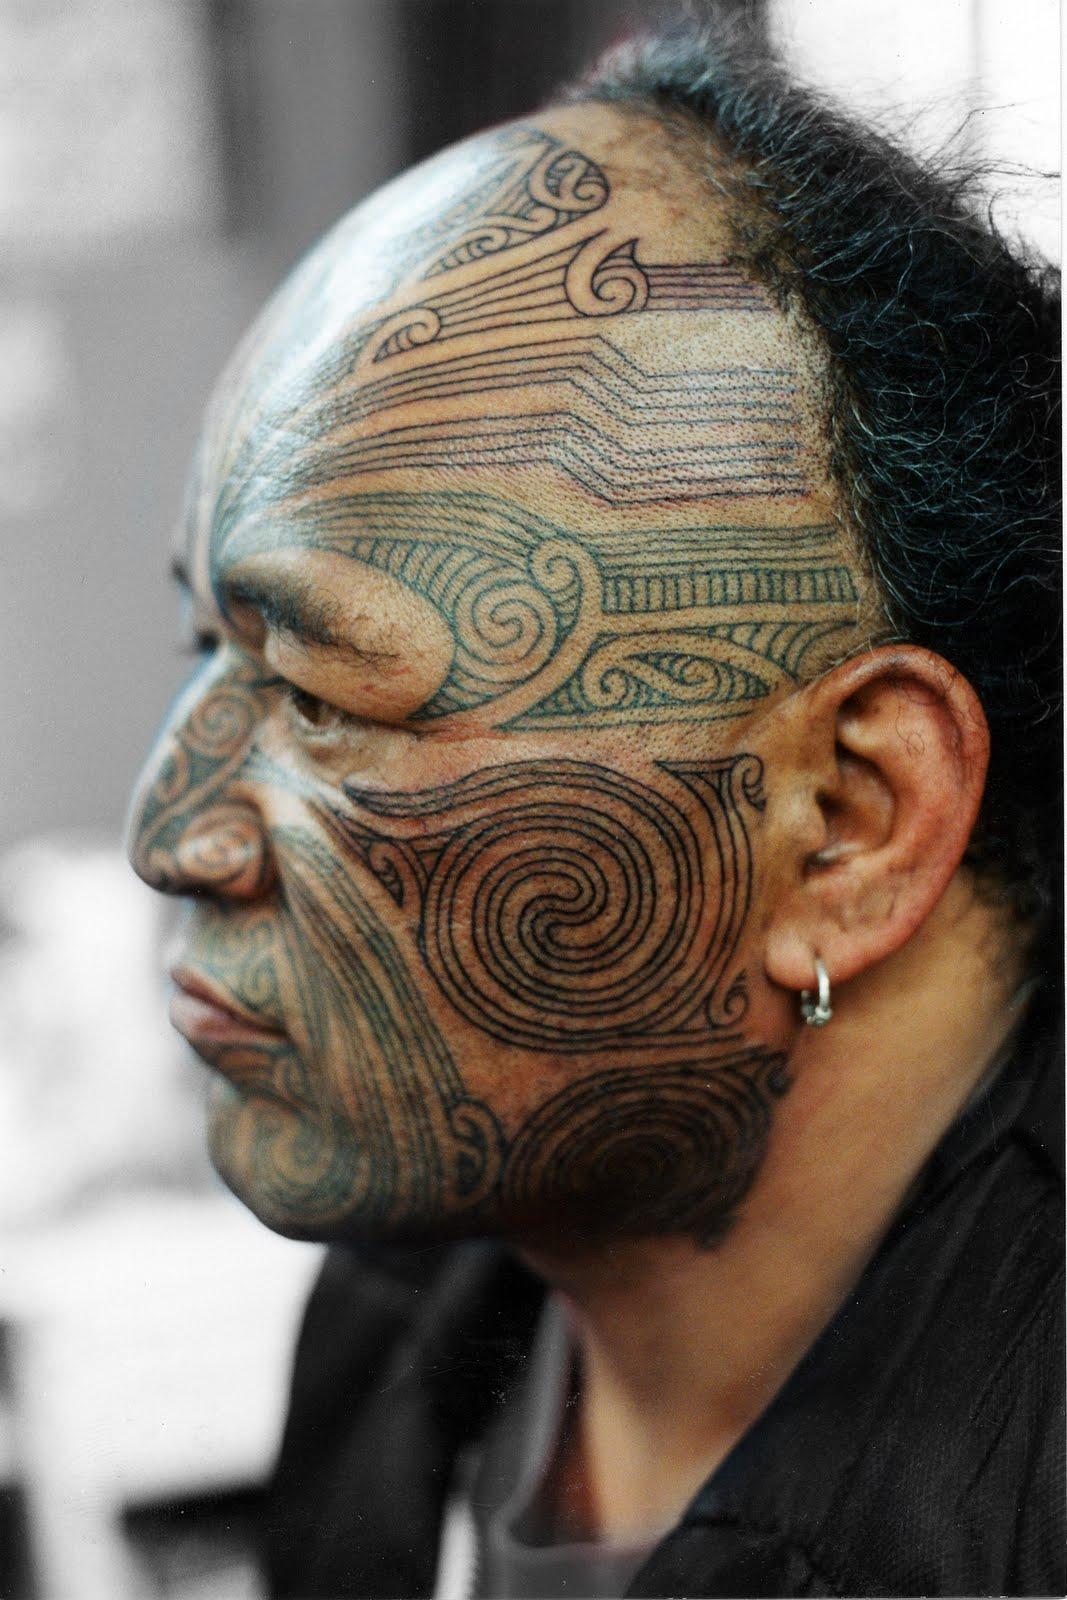 My Maori Sun Tattoo Done By Marijo Bijelić In Ljubljana